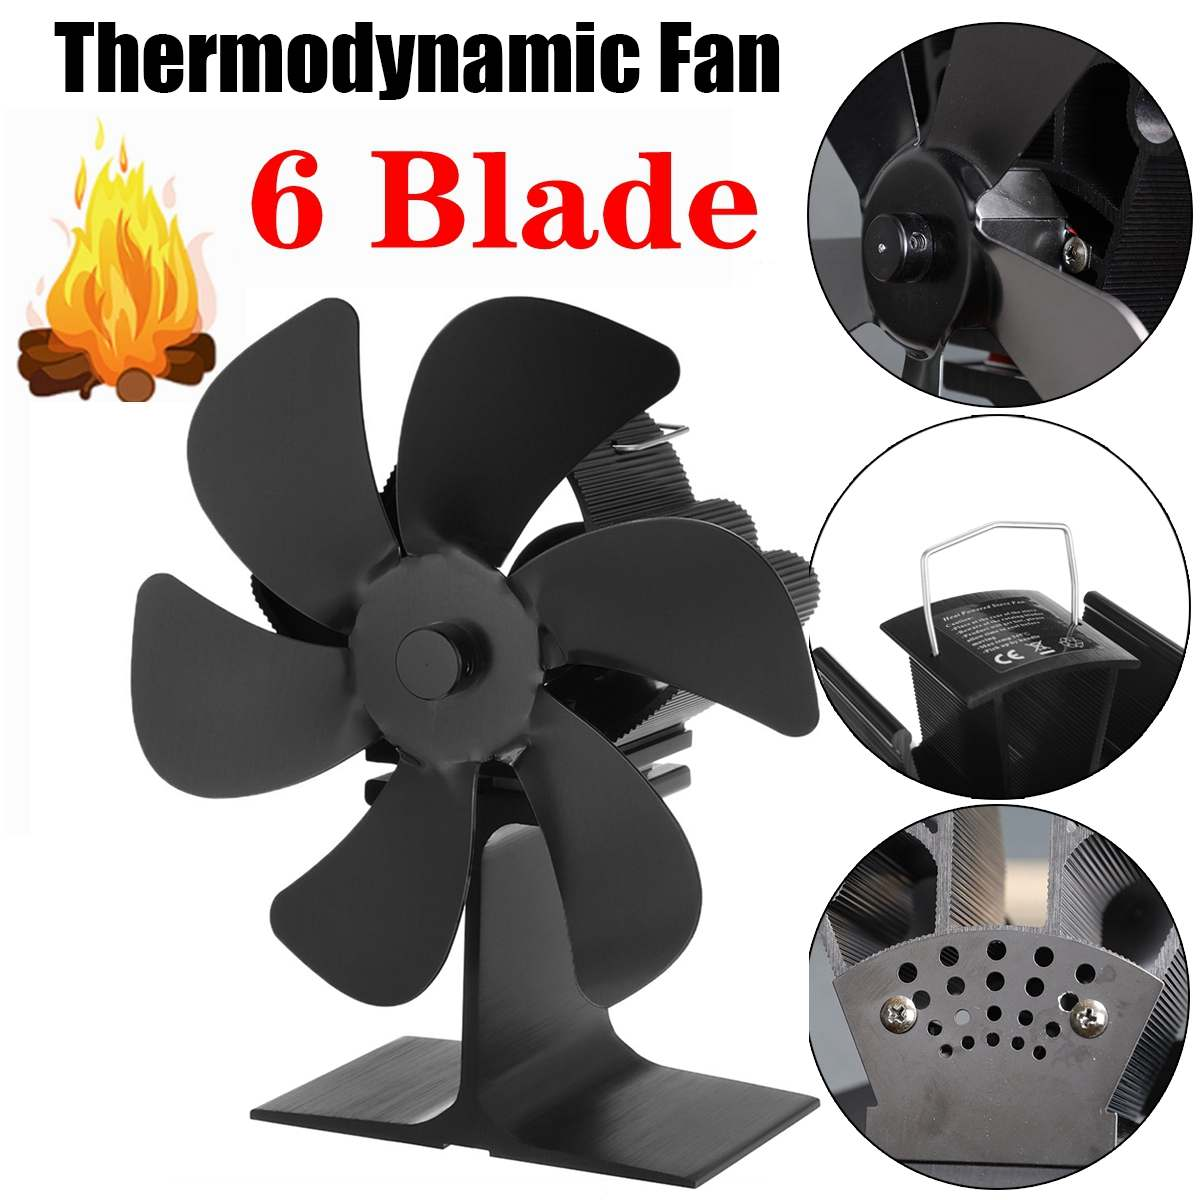 6 شفرة الموقد الأسود تعمل بالطاقة الحرارية موقد مروحة تسجيل الخشب الموقد صديقة للبيئة هادئة المنزل الموقد مروحة كفاءة توزيع الحرارة